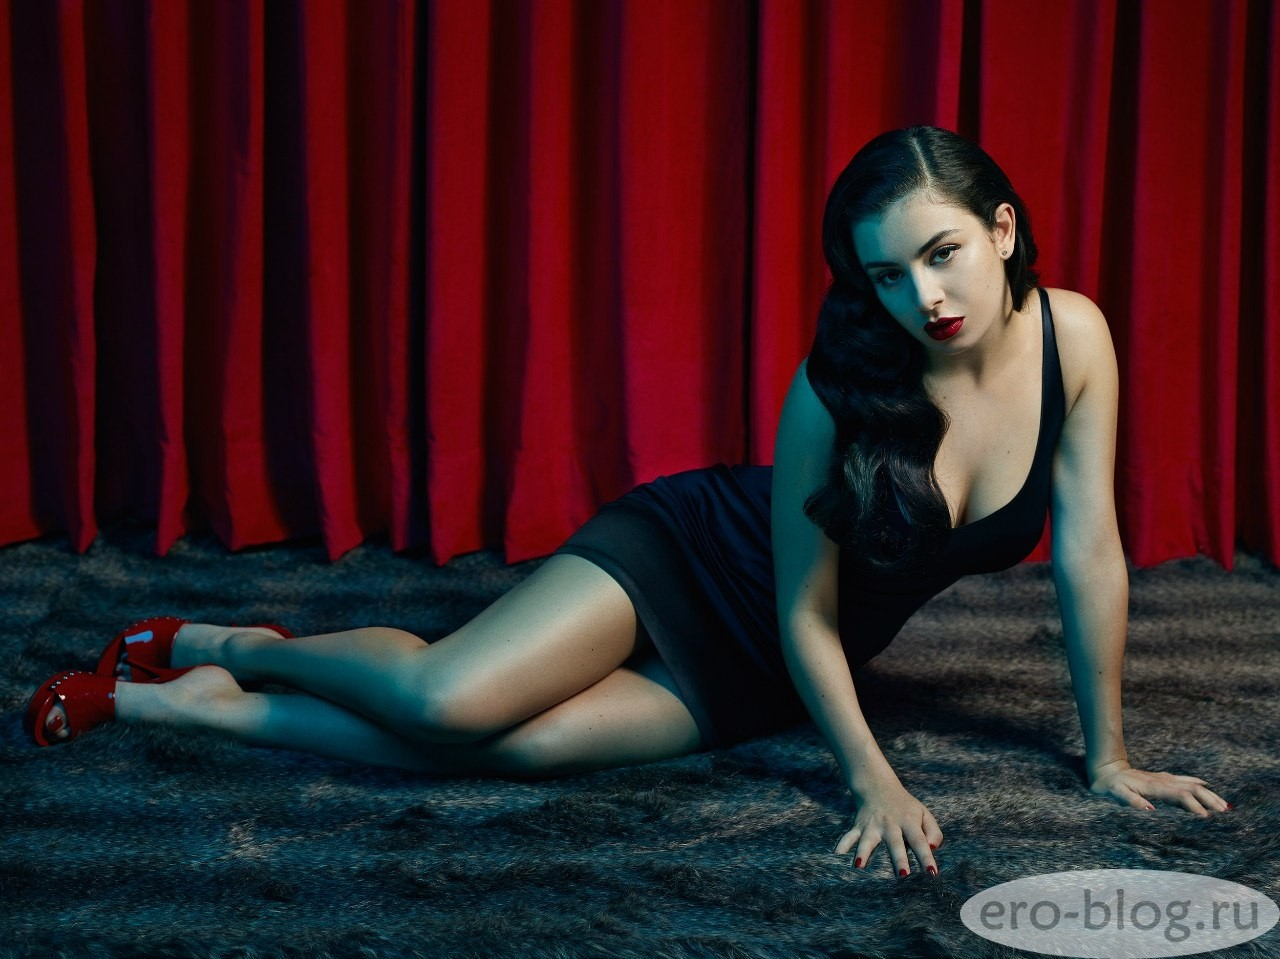 Голая обнаженная Charli XCX | Чарли Экс-си-экс интимные фото звезды